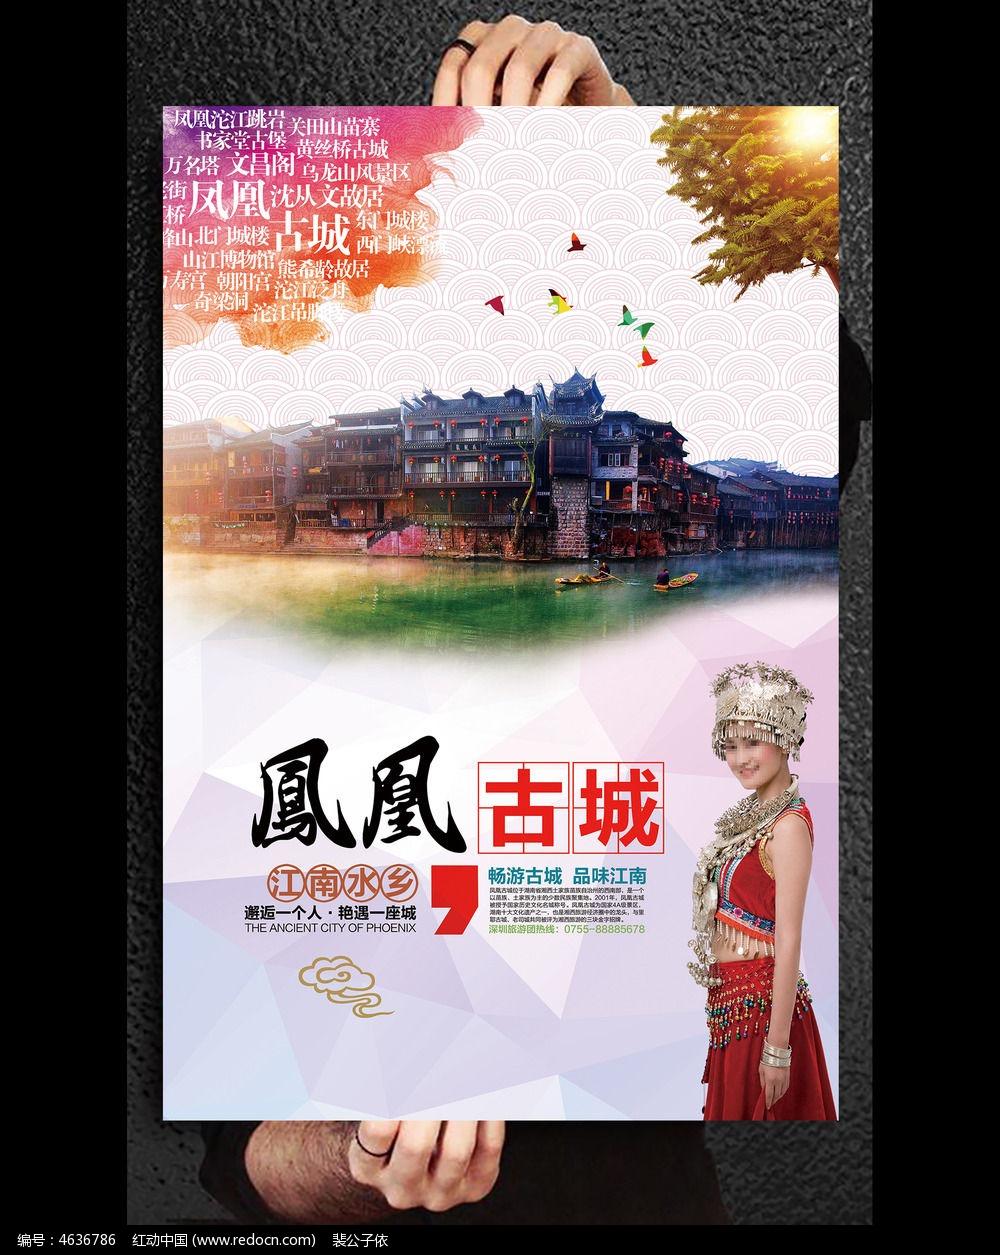 凤凰古城旅游宣传海报模板psd素材下载